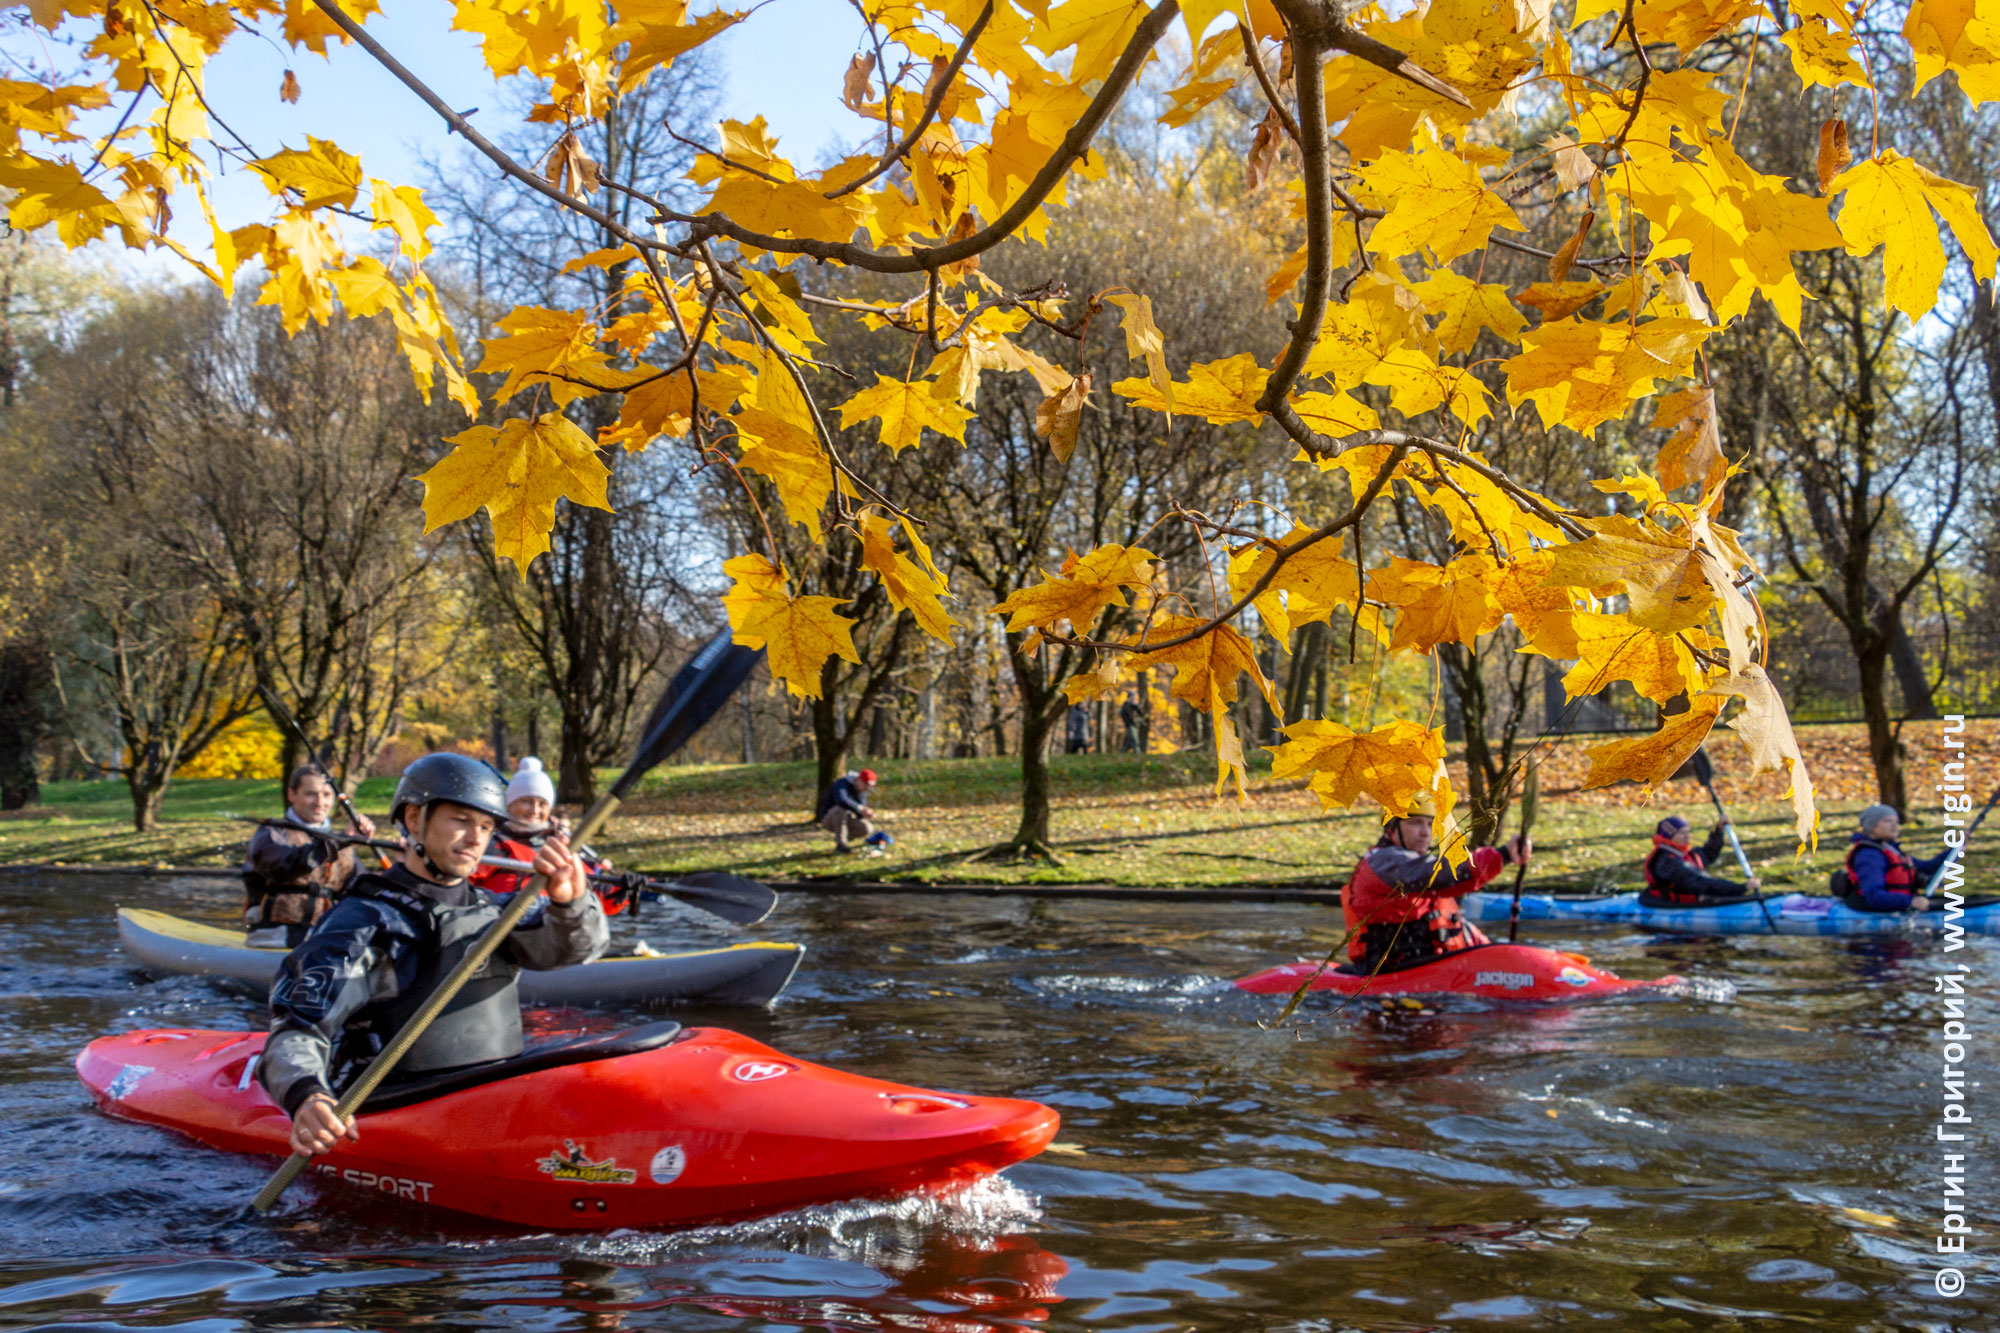 Каякеры проходят под желтой листвой деревьев в Санкт-Петербурге